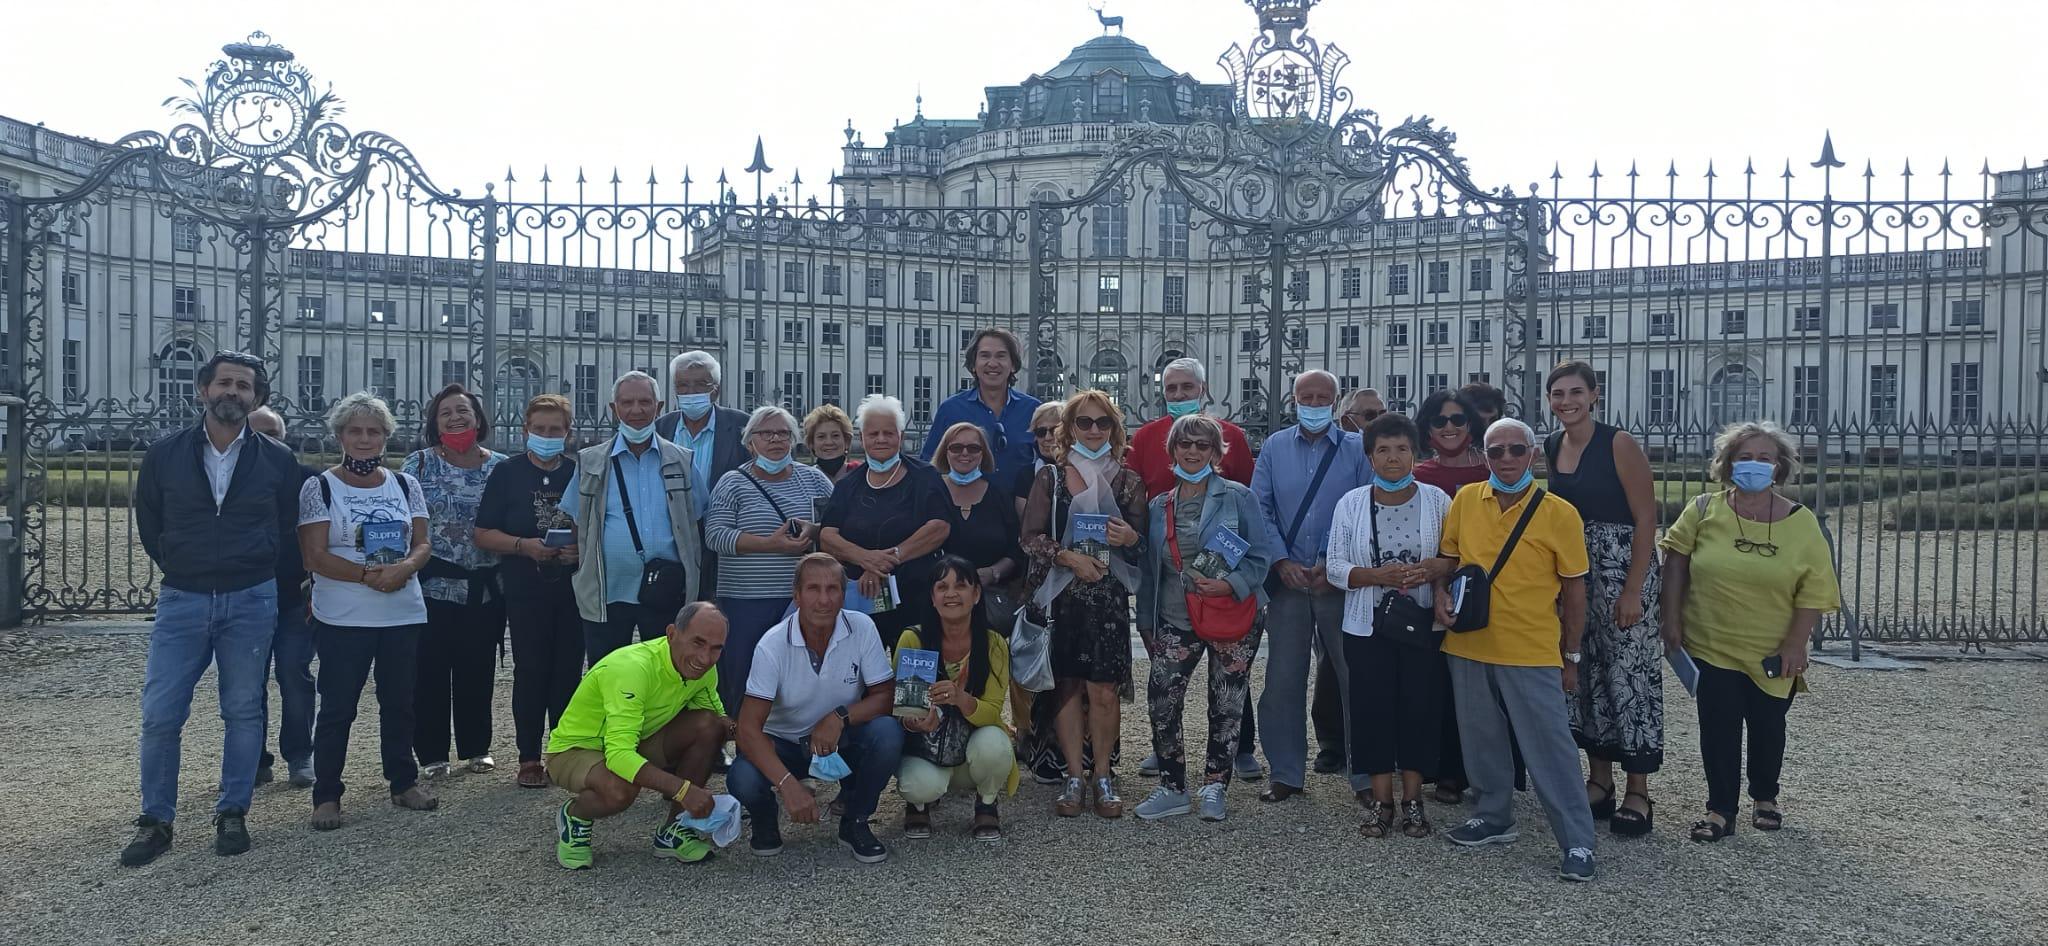 NICHELINO – Gli anziani in visita alla Palazzina di Caccia di Stupinigi